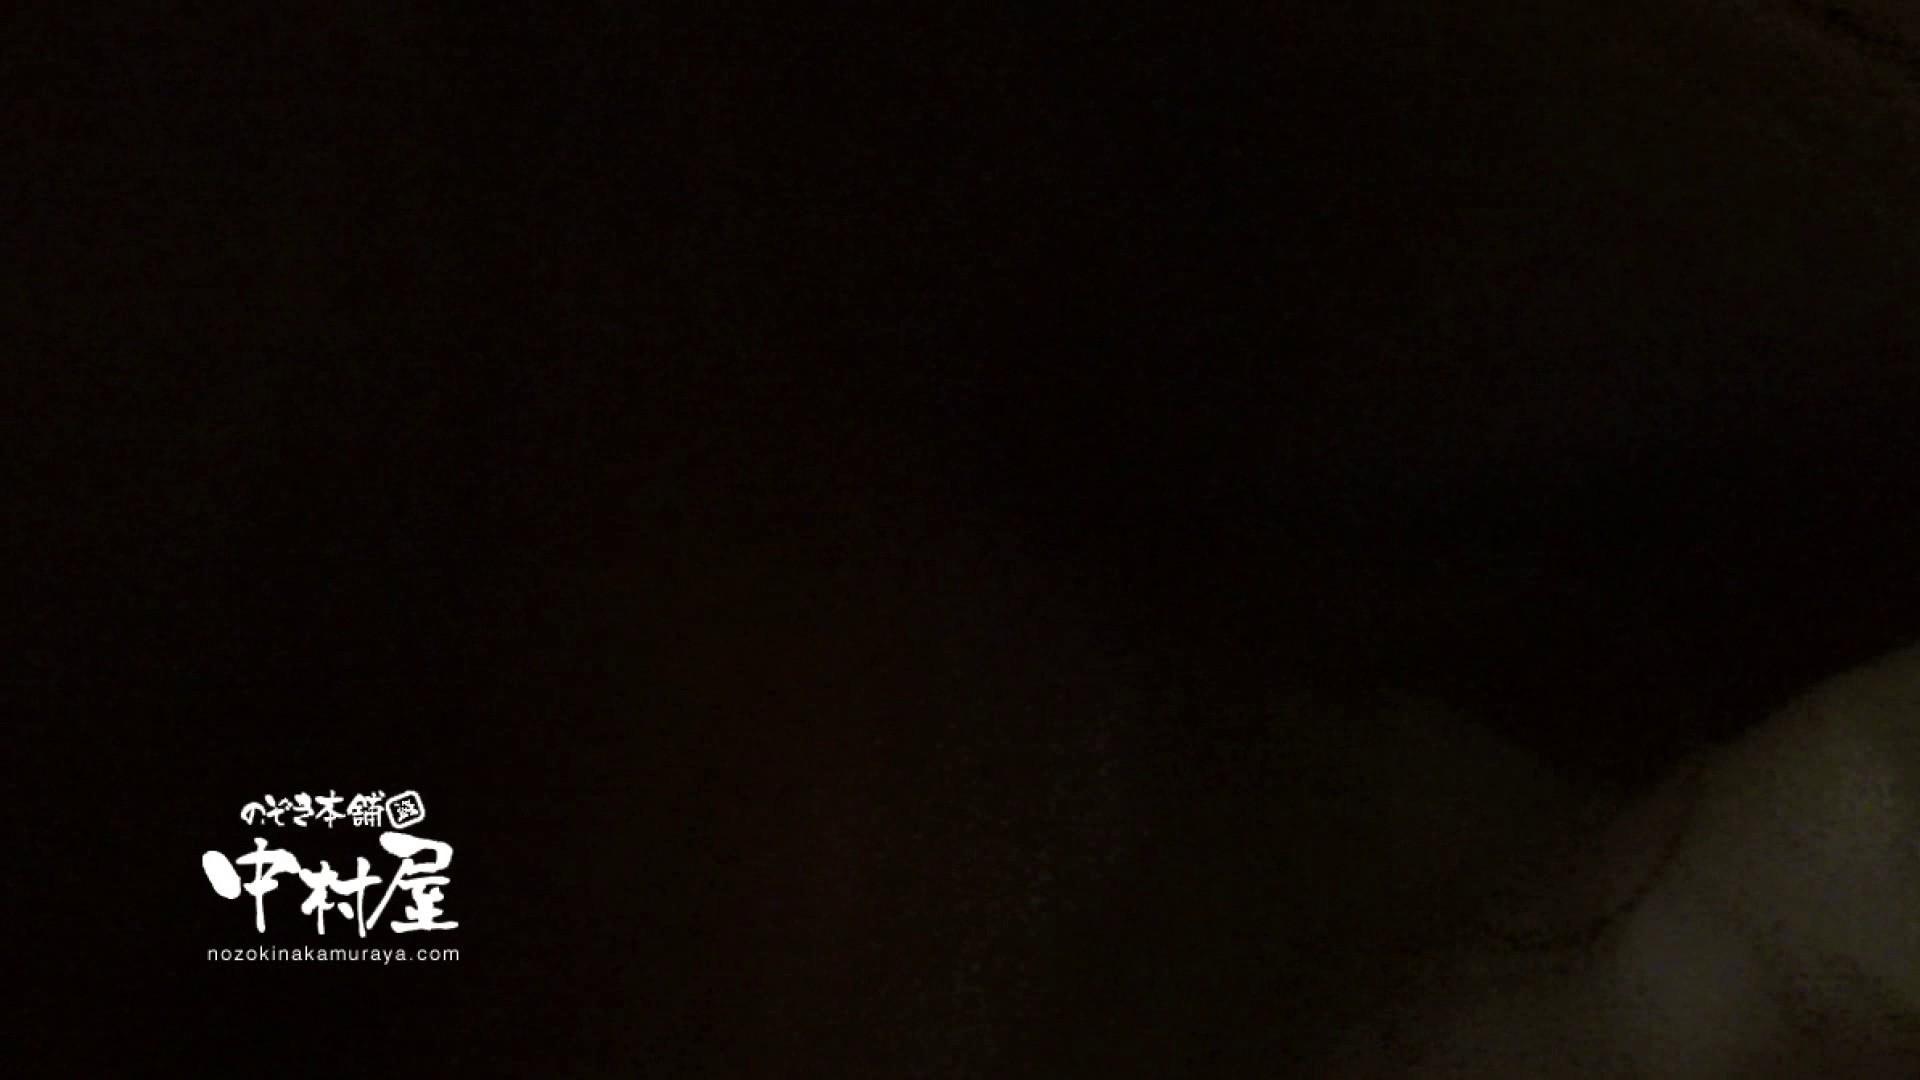 鬼畜 vol.08 極悪!妊娠覚悟の中出し! 後編 中出し 隠し撮りオマンコ動画紹介 94pic 68